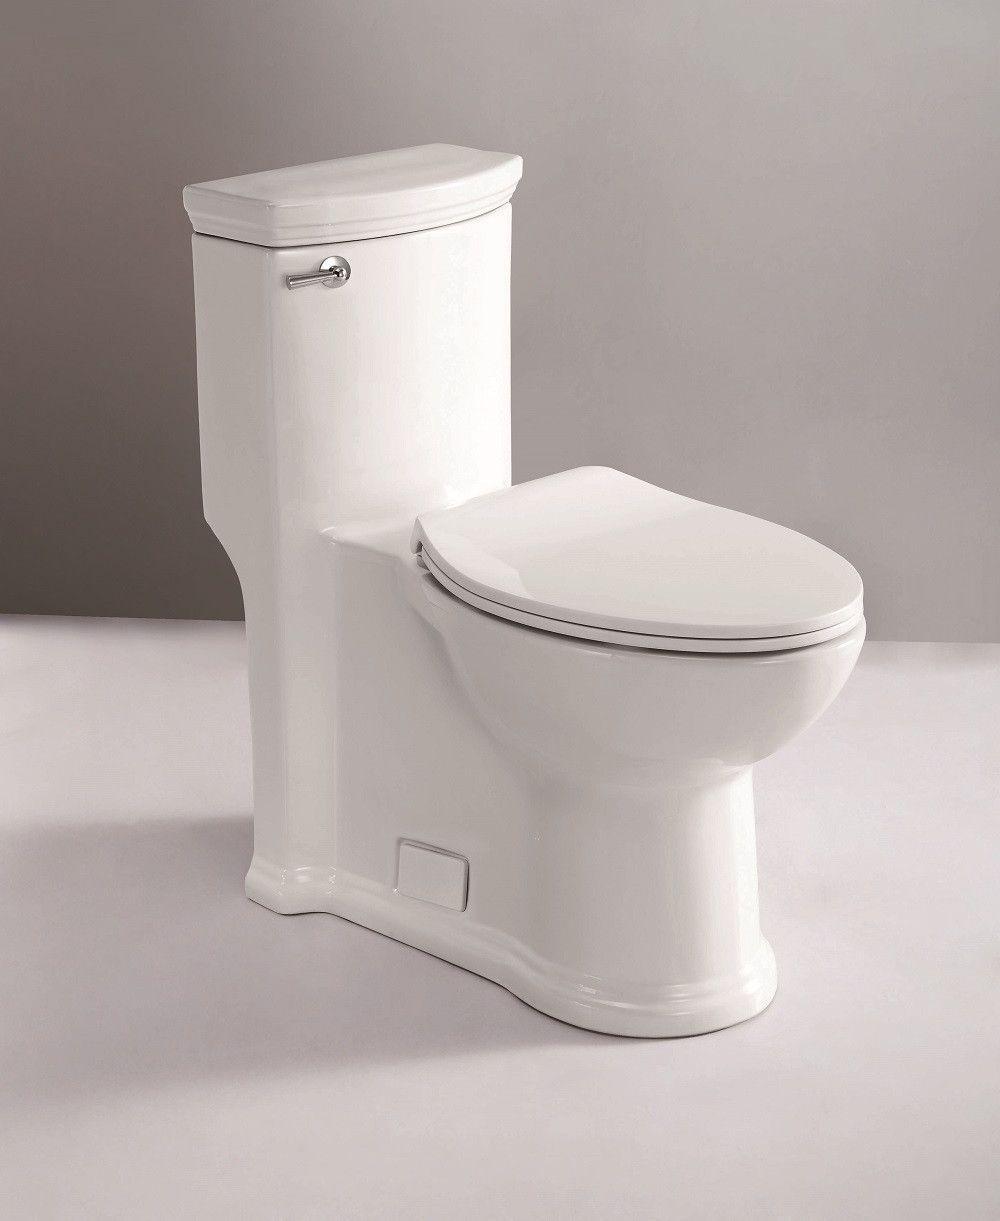 fresca athena onepiece contemporary toilet  contemporary toilets  - fresca athena onepiece contemporary toilet